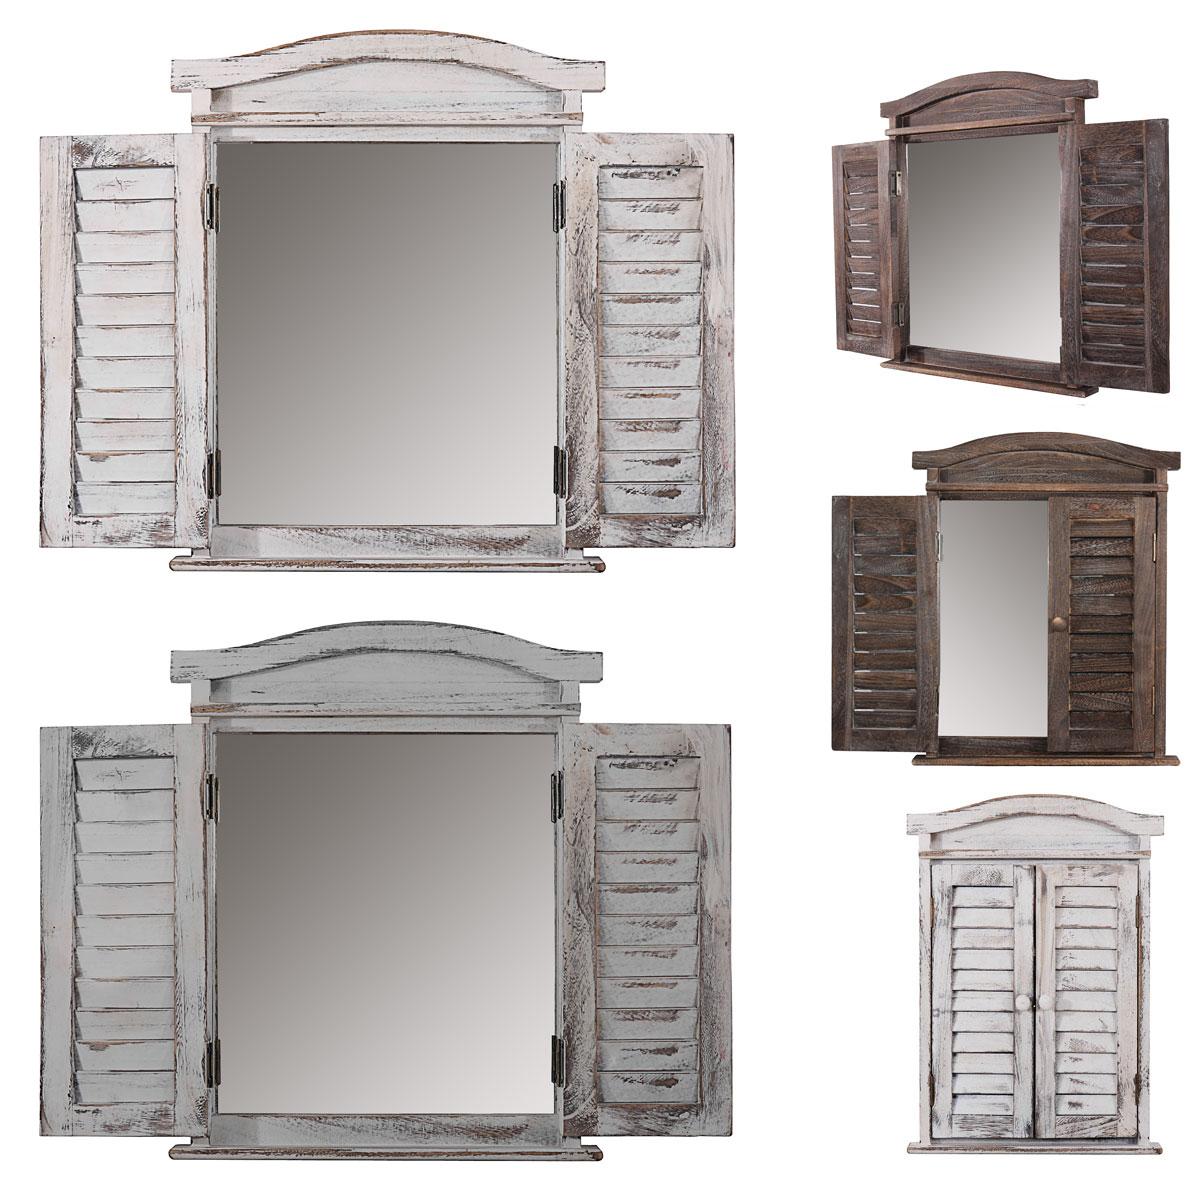 wandspiegel mit rahmen preisvergleiche. Black Bedroom Furniture Sets. Home Design Ideas